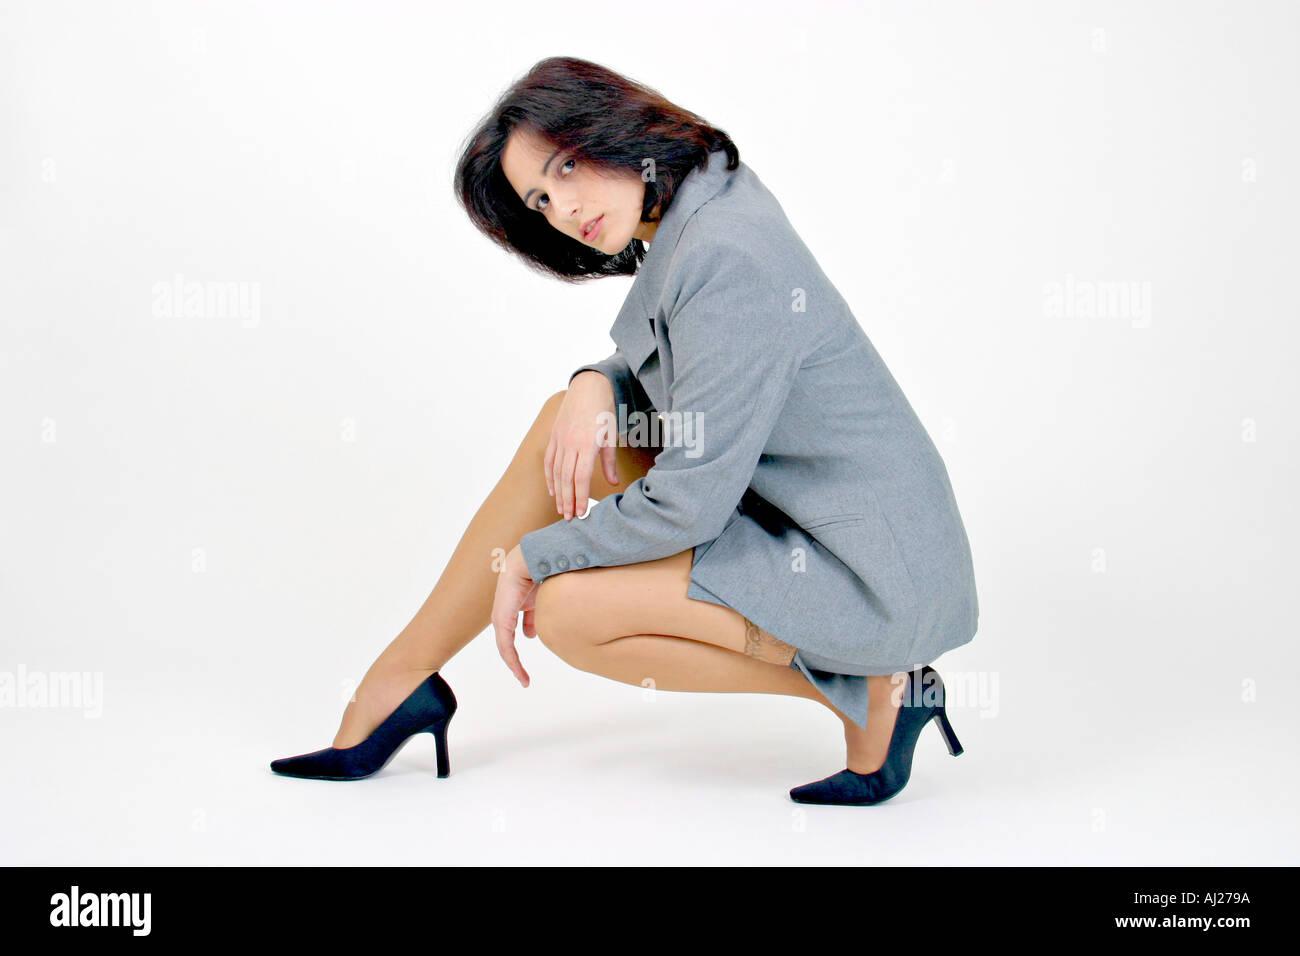 Page Photos amp; Girl Images 10 Alamy Miniskirt UCxzzW6